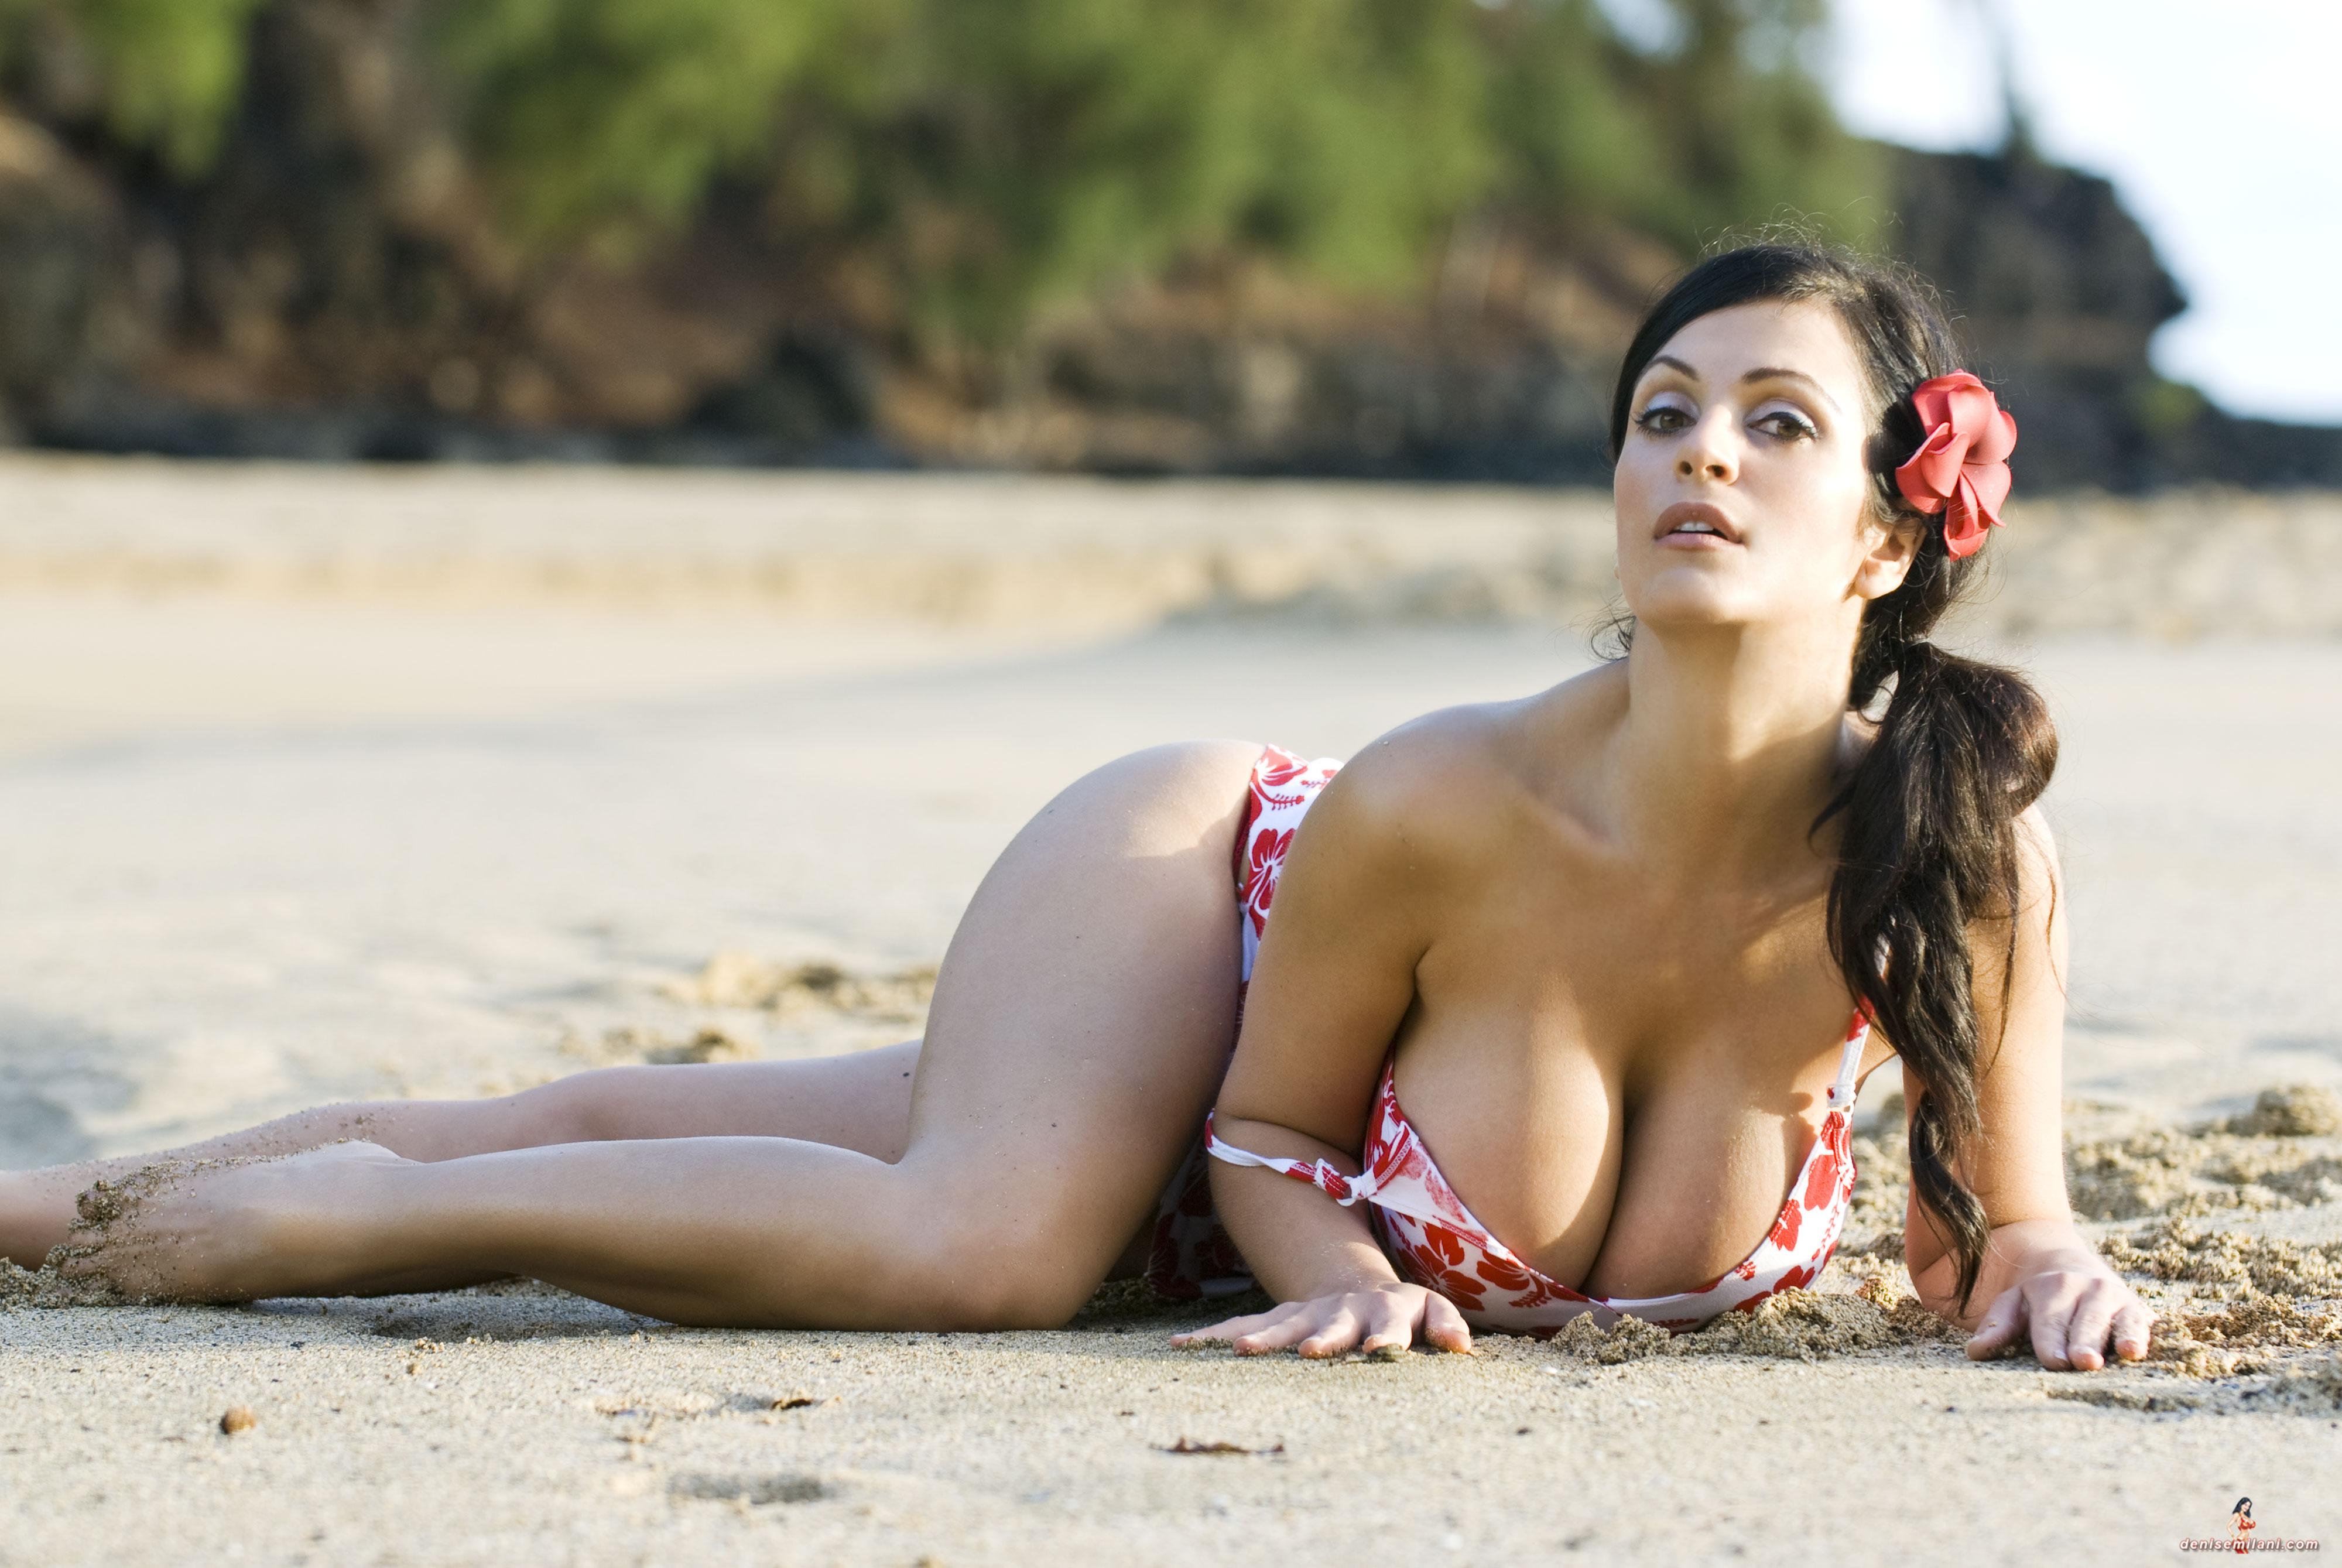 Фото женщина с большими грудями